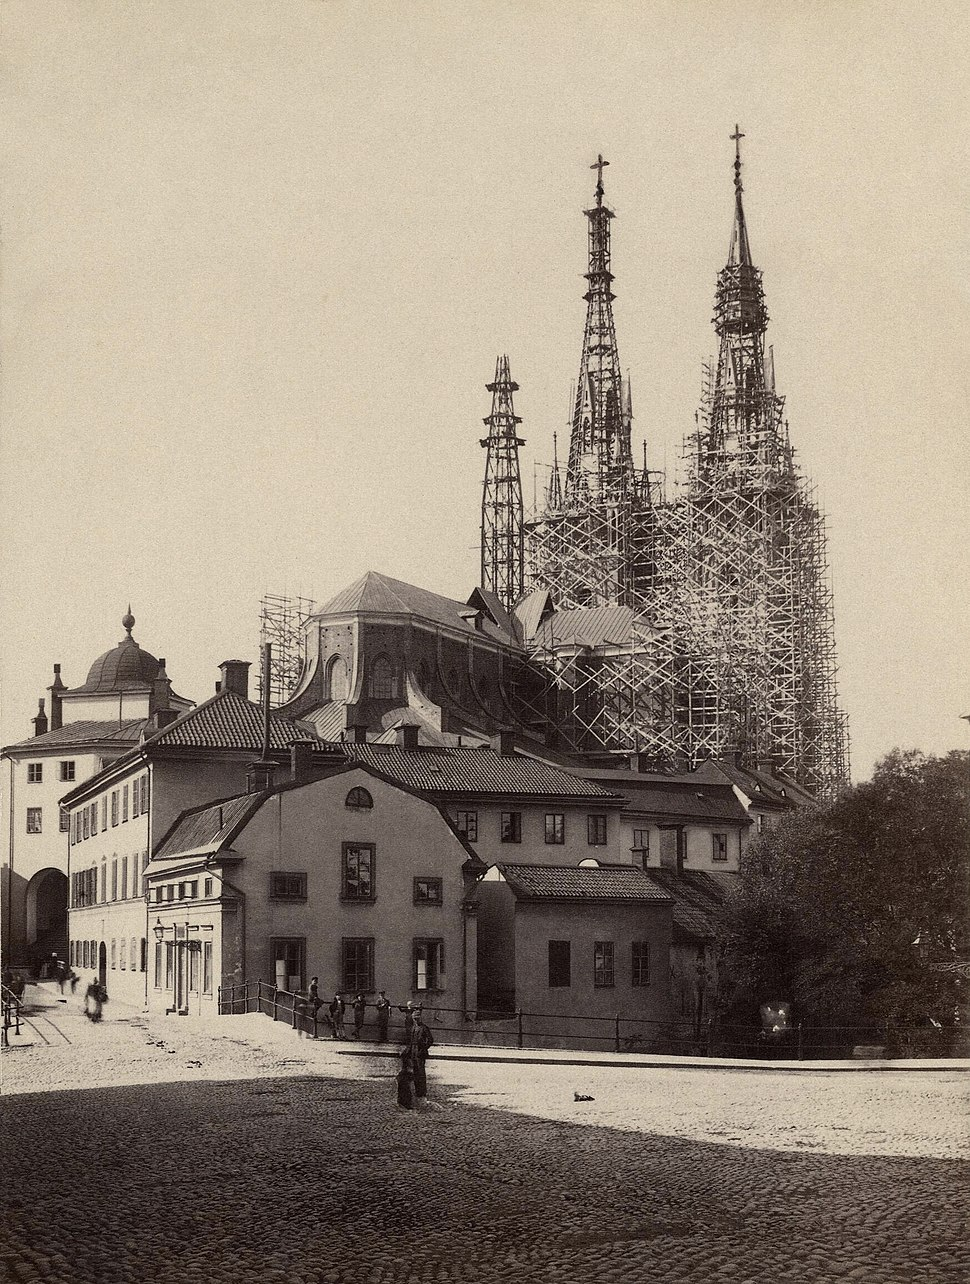 Schenson Uppsala domkyrka 1889 - Restoration